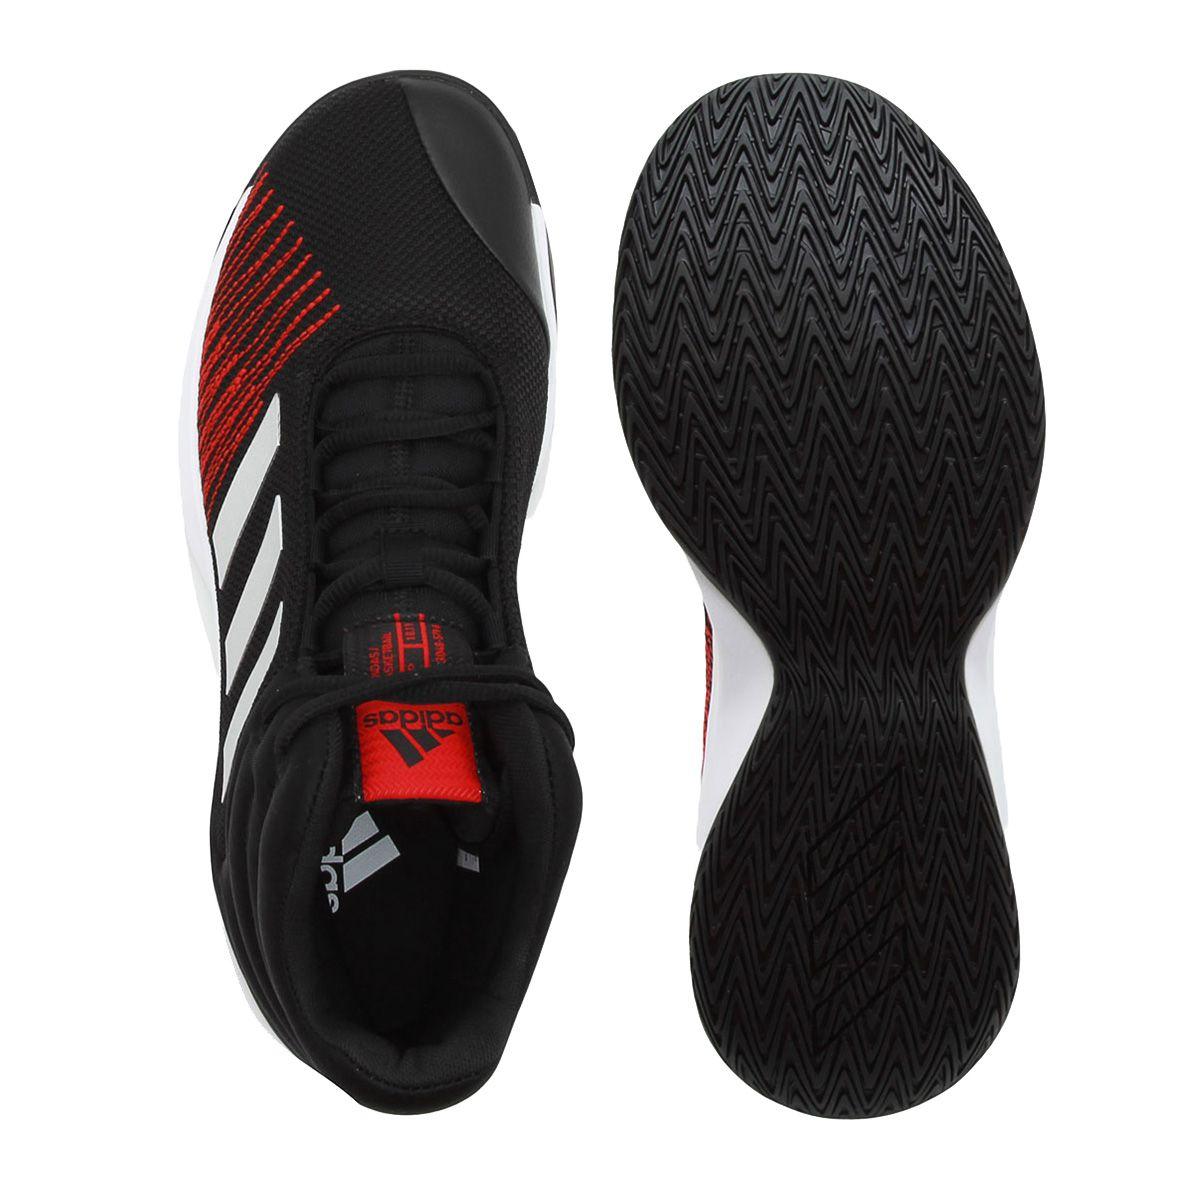 Tênis Adidas Pro Spark 2018